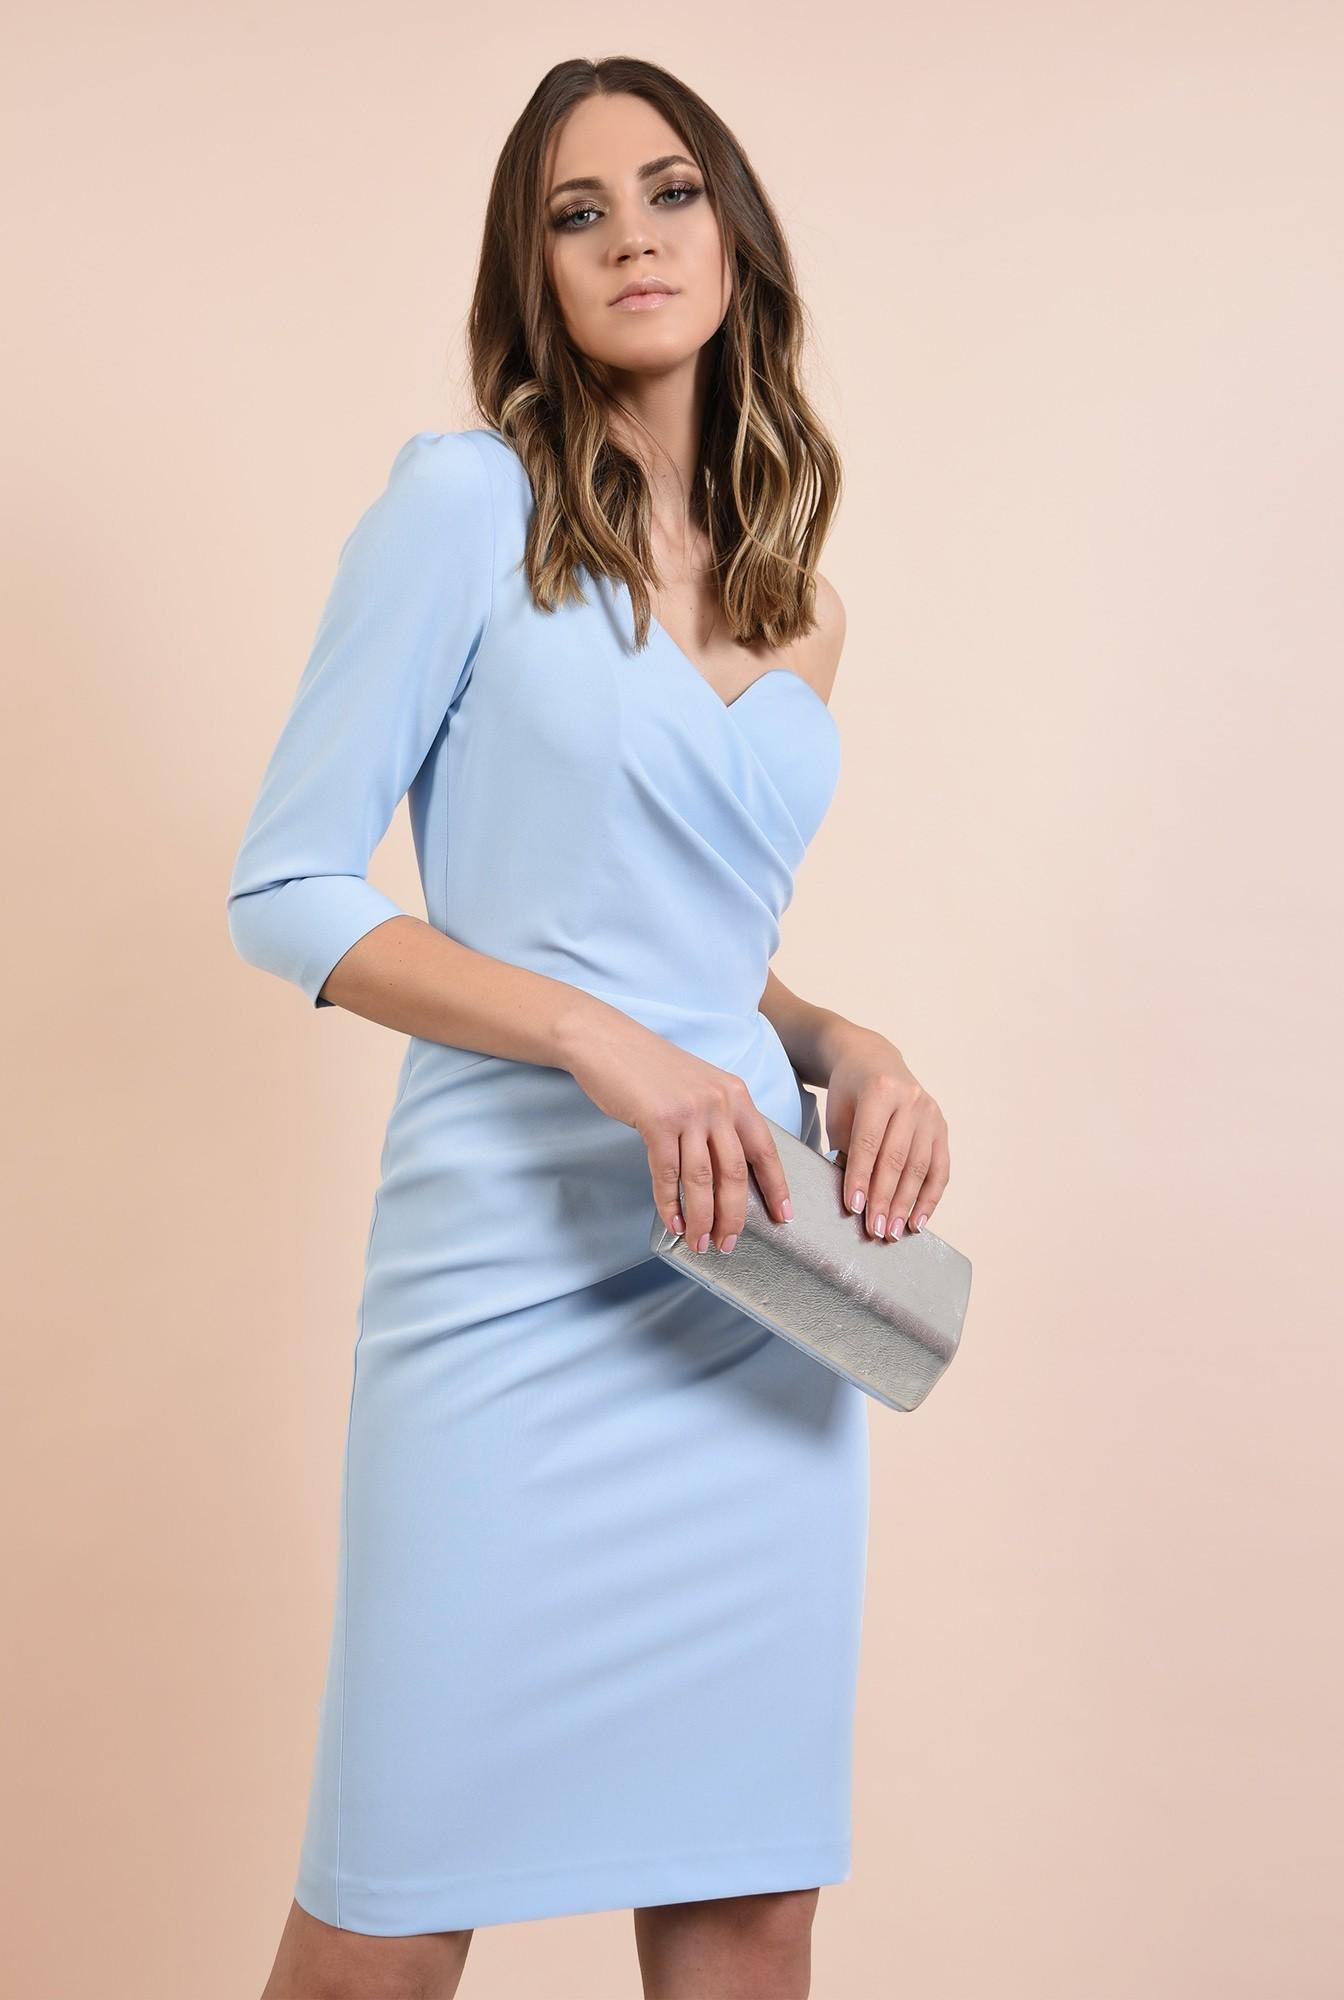 rochie eleganta, midi, bleu, corset, decolteu de inima, conica